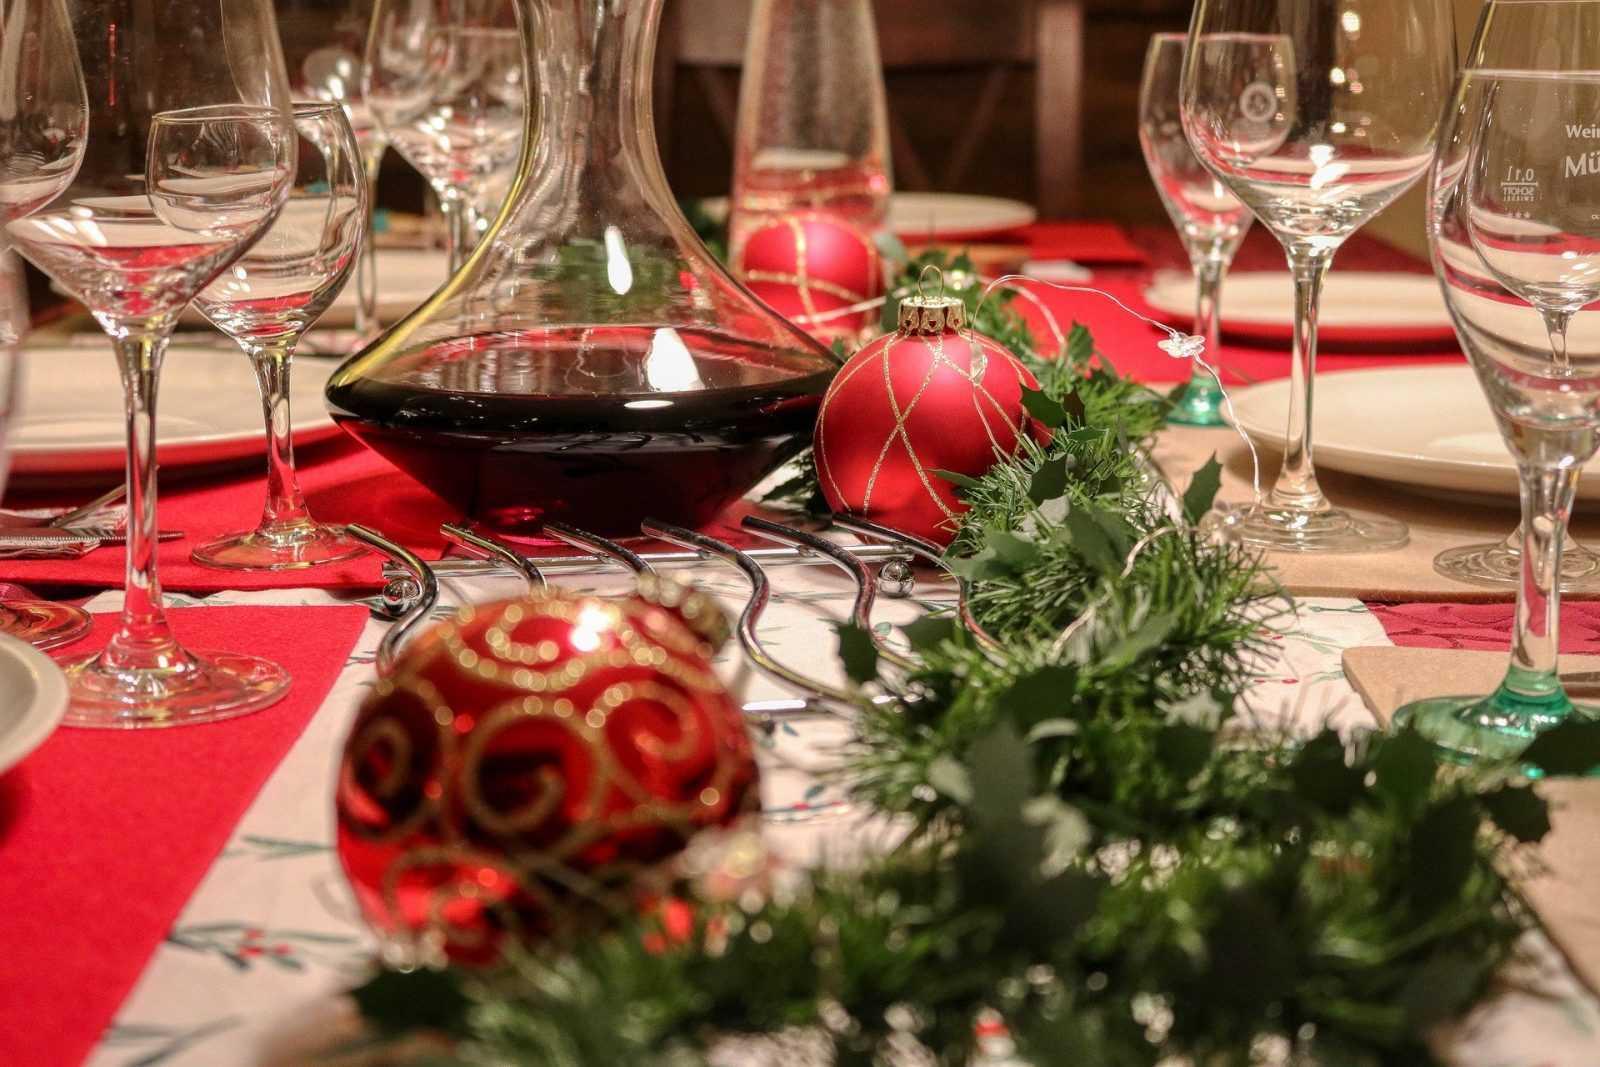 Tavola Per Natale Foto ✓ top 10: i migliori accessori per la tavola di natale 2020